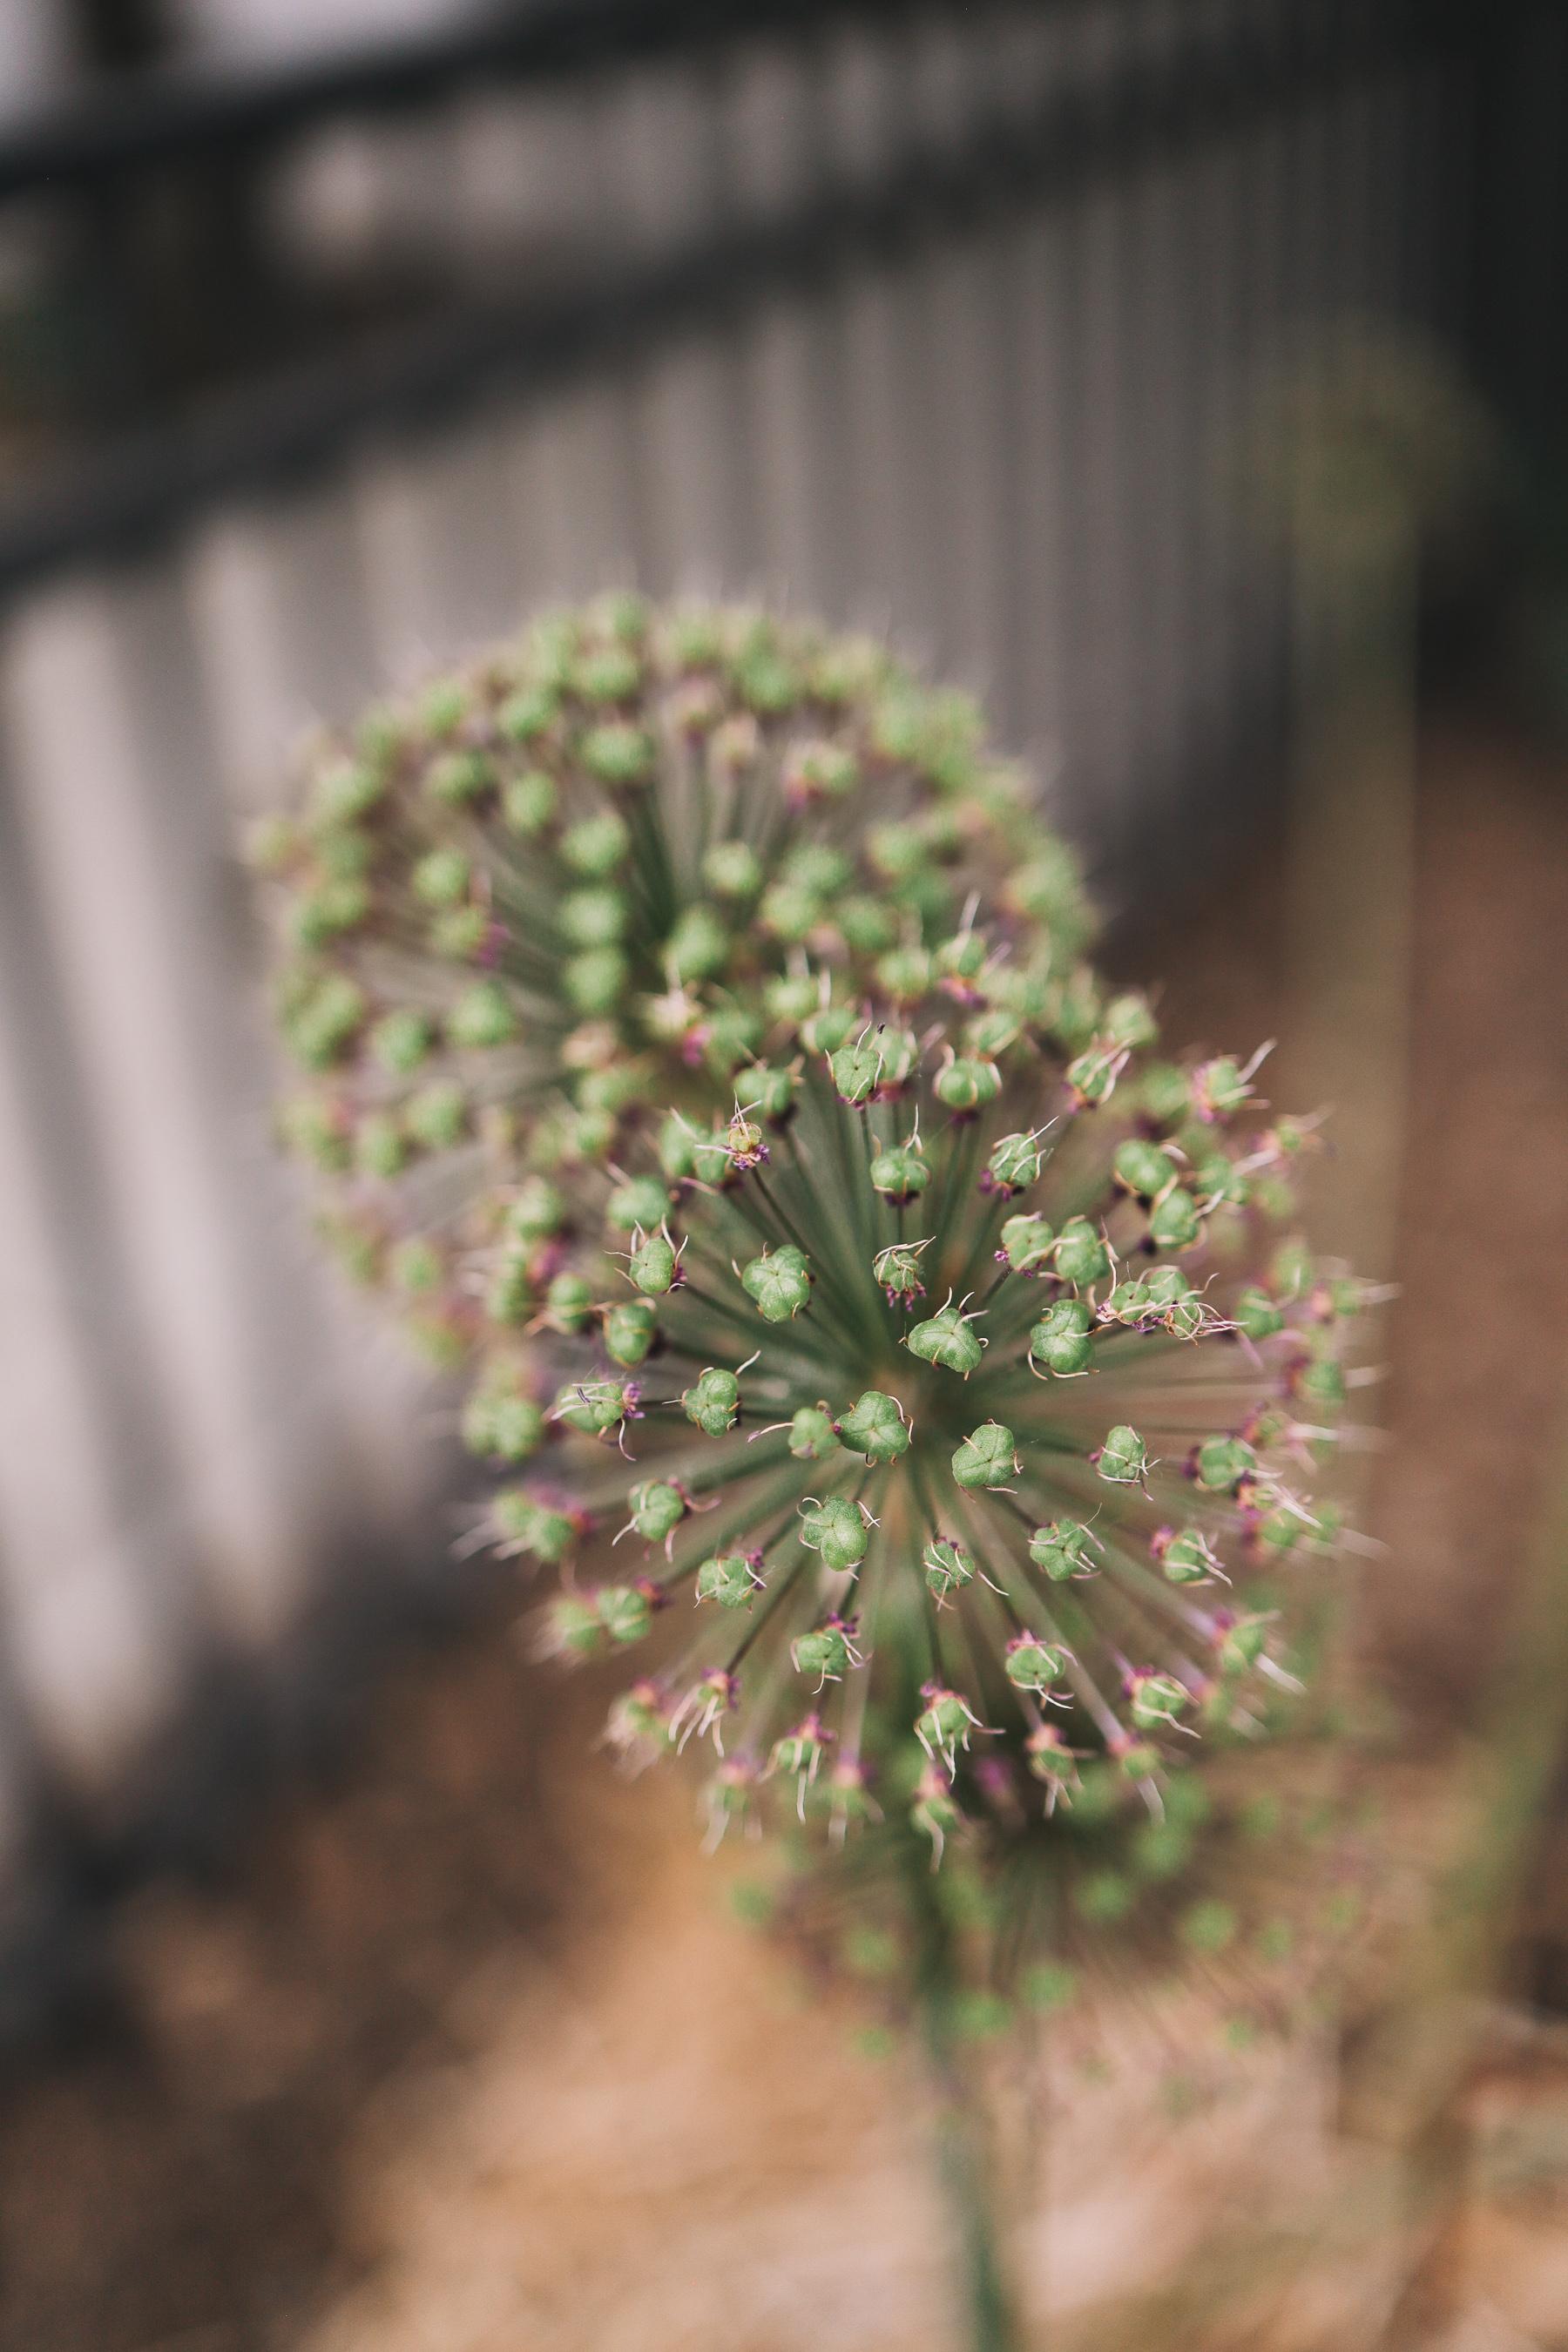 flower focused shot